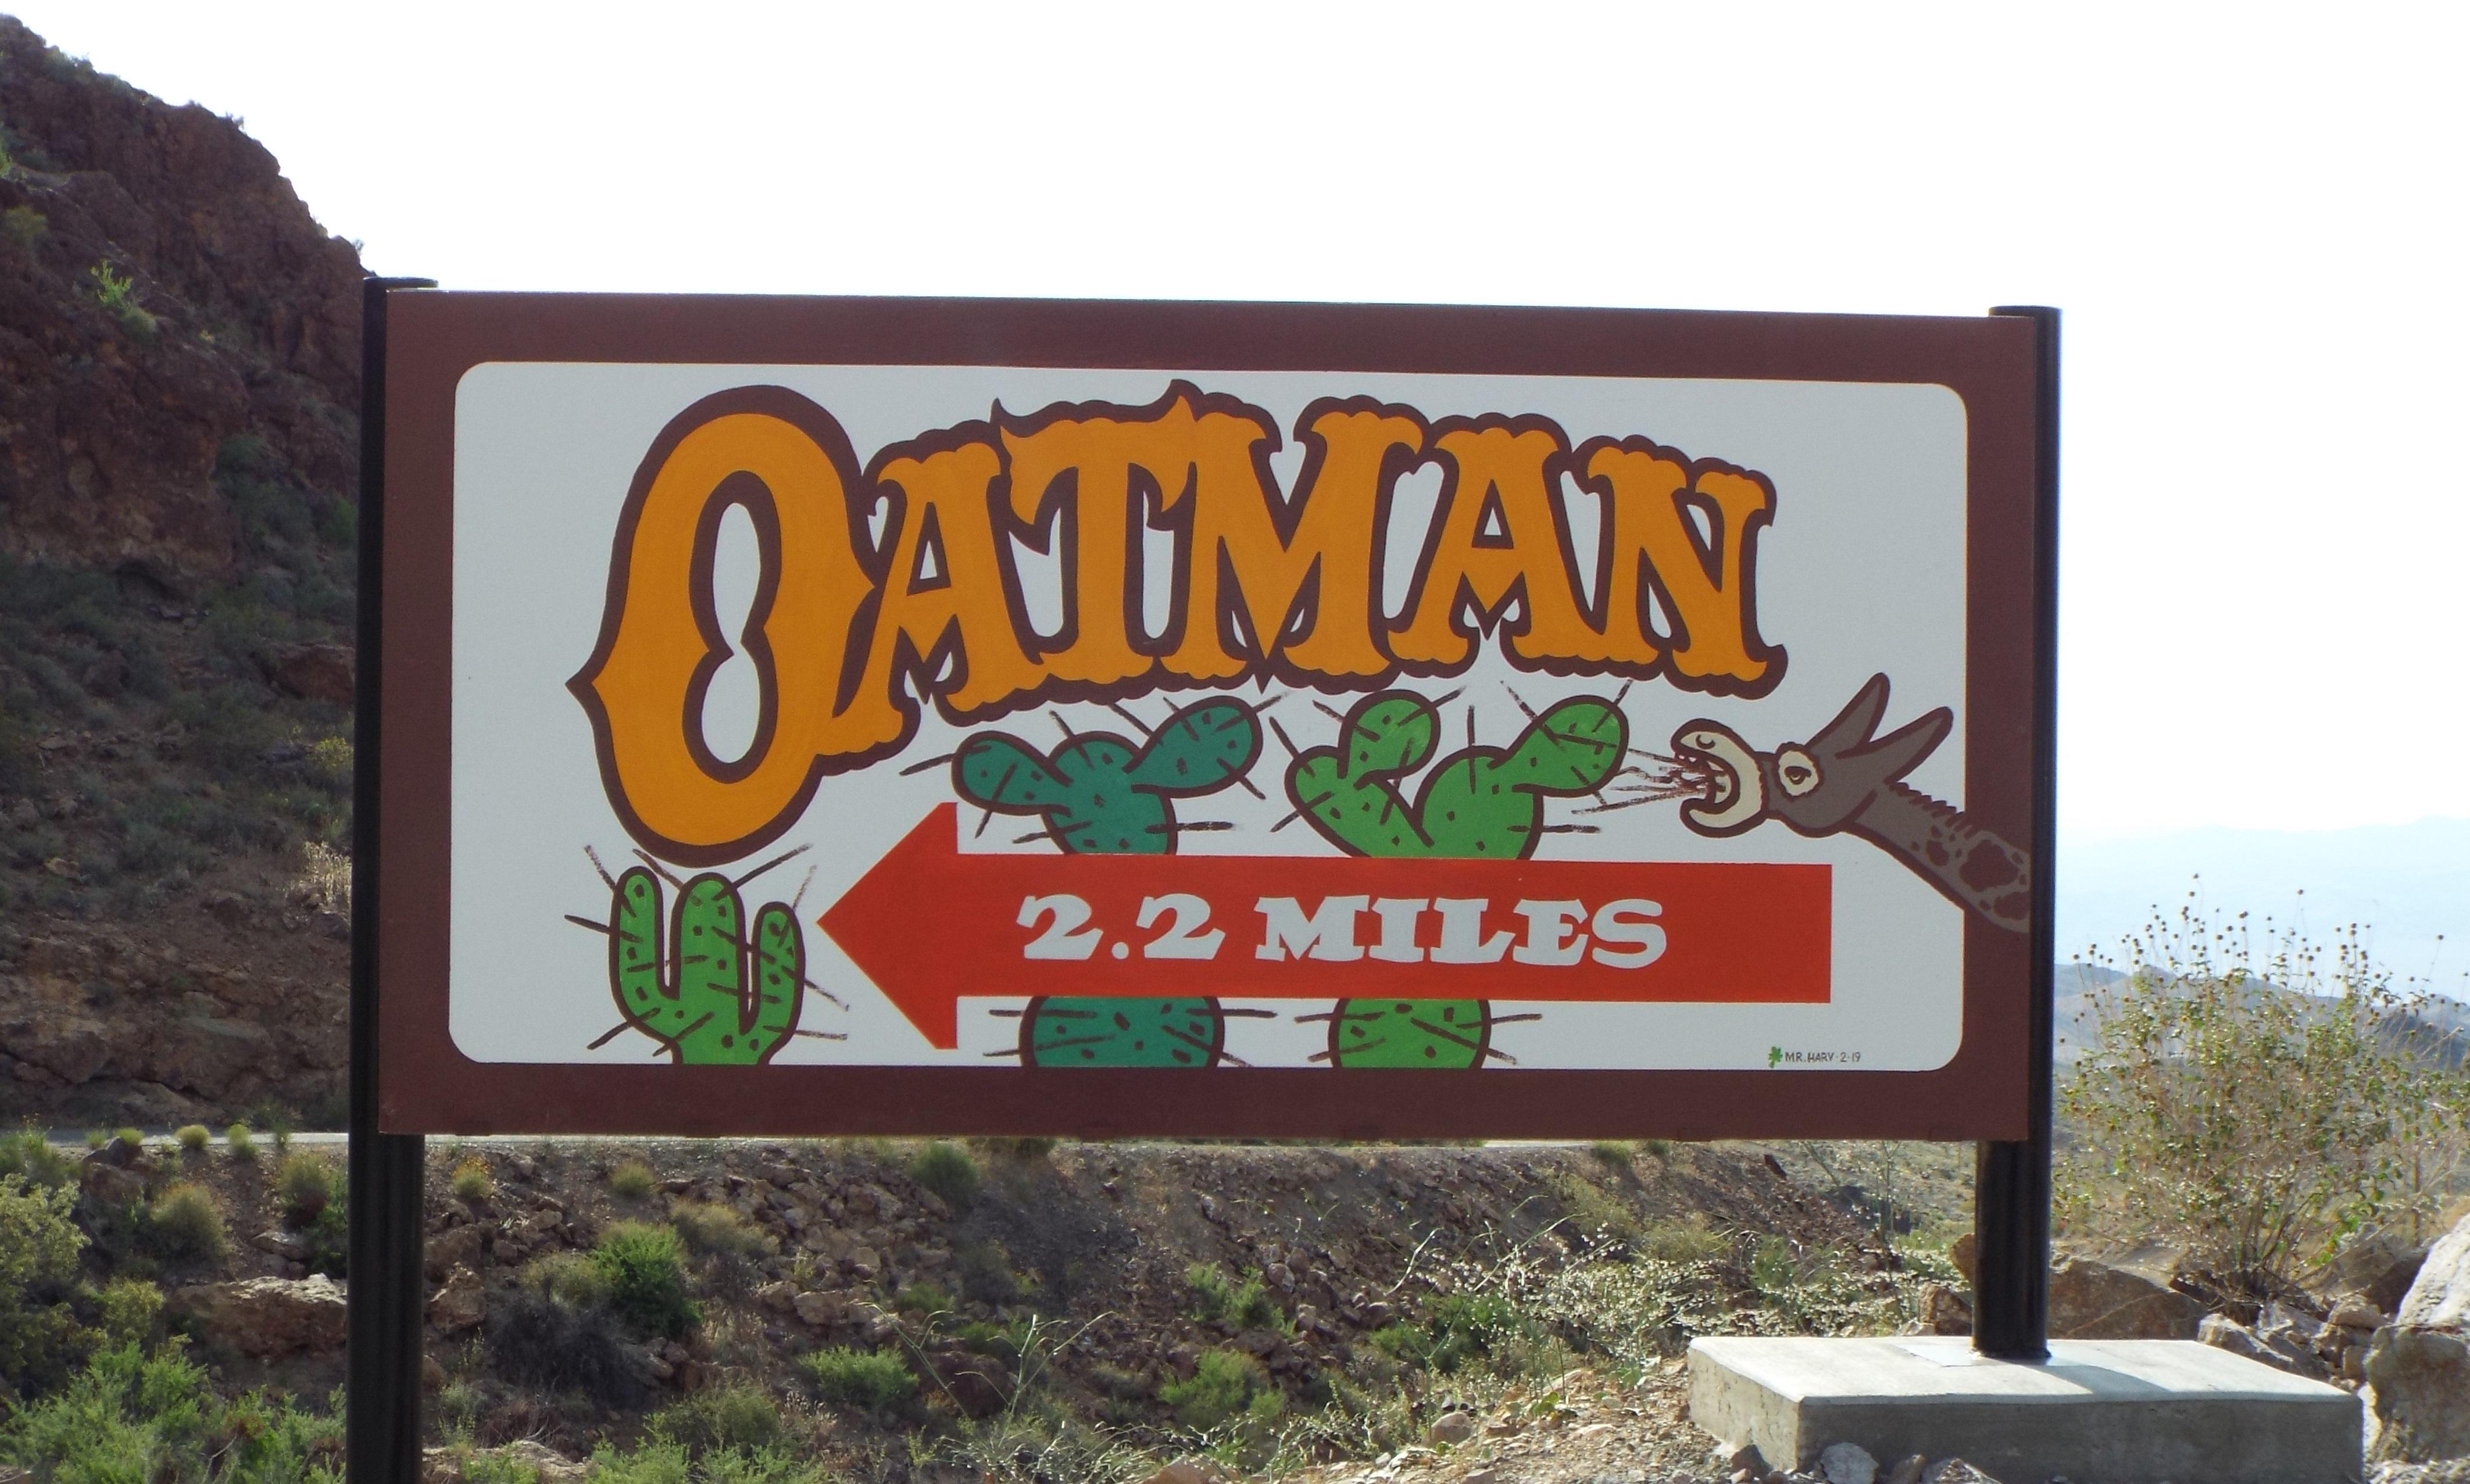 Oatman, Arizona - Wikipedia